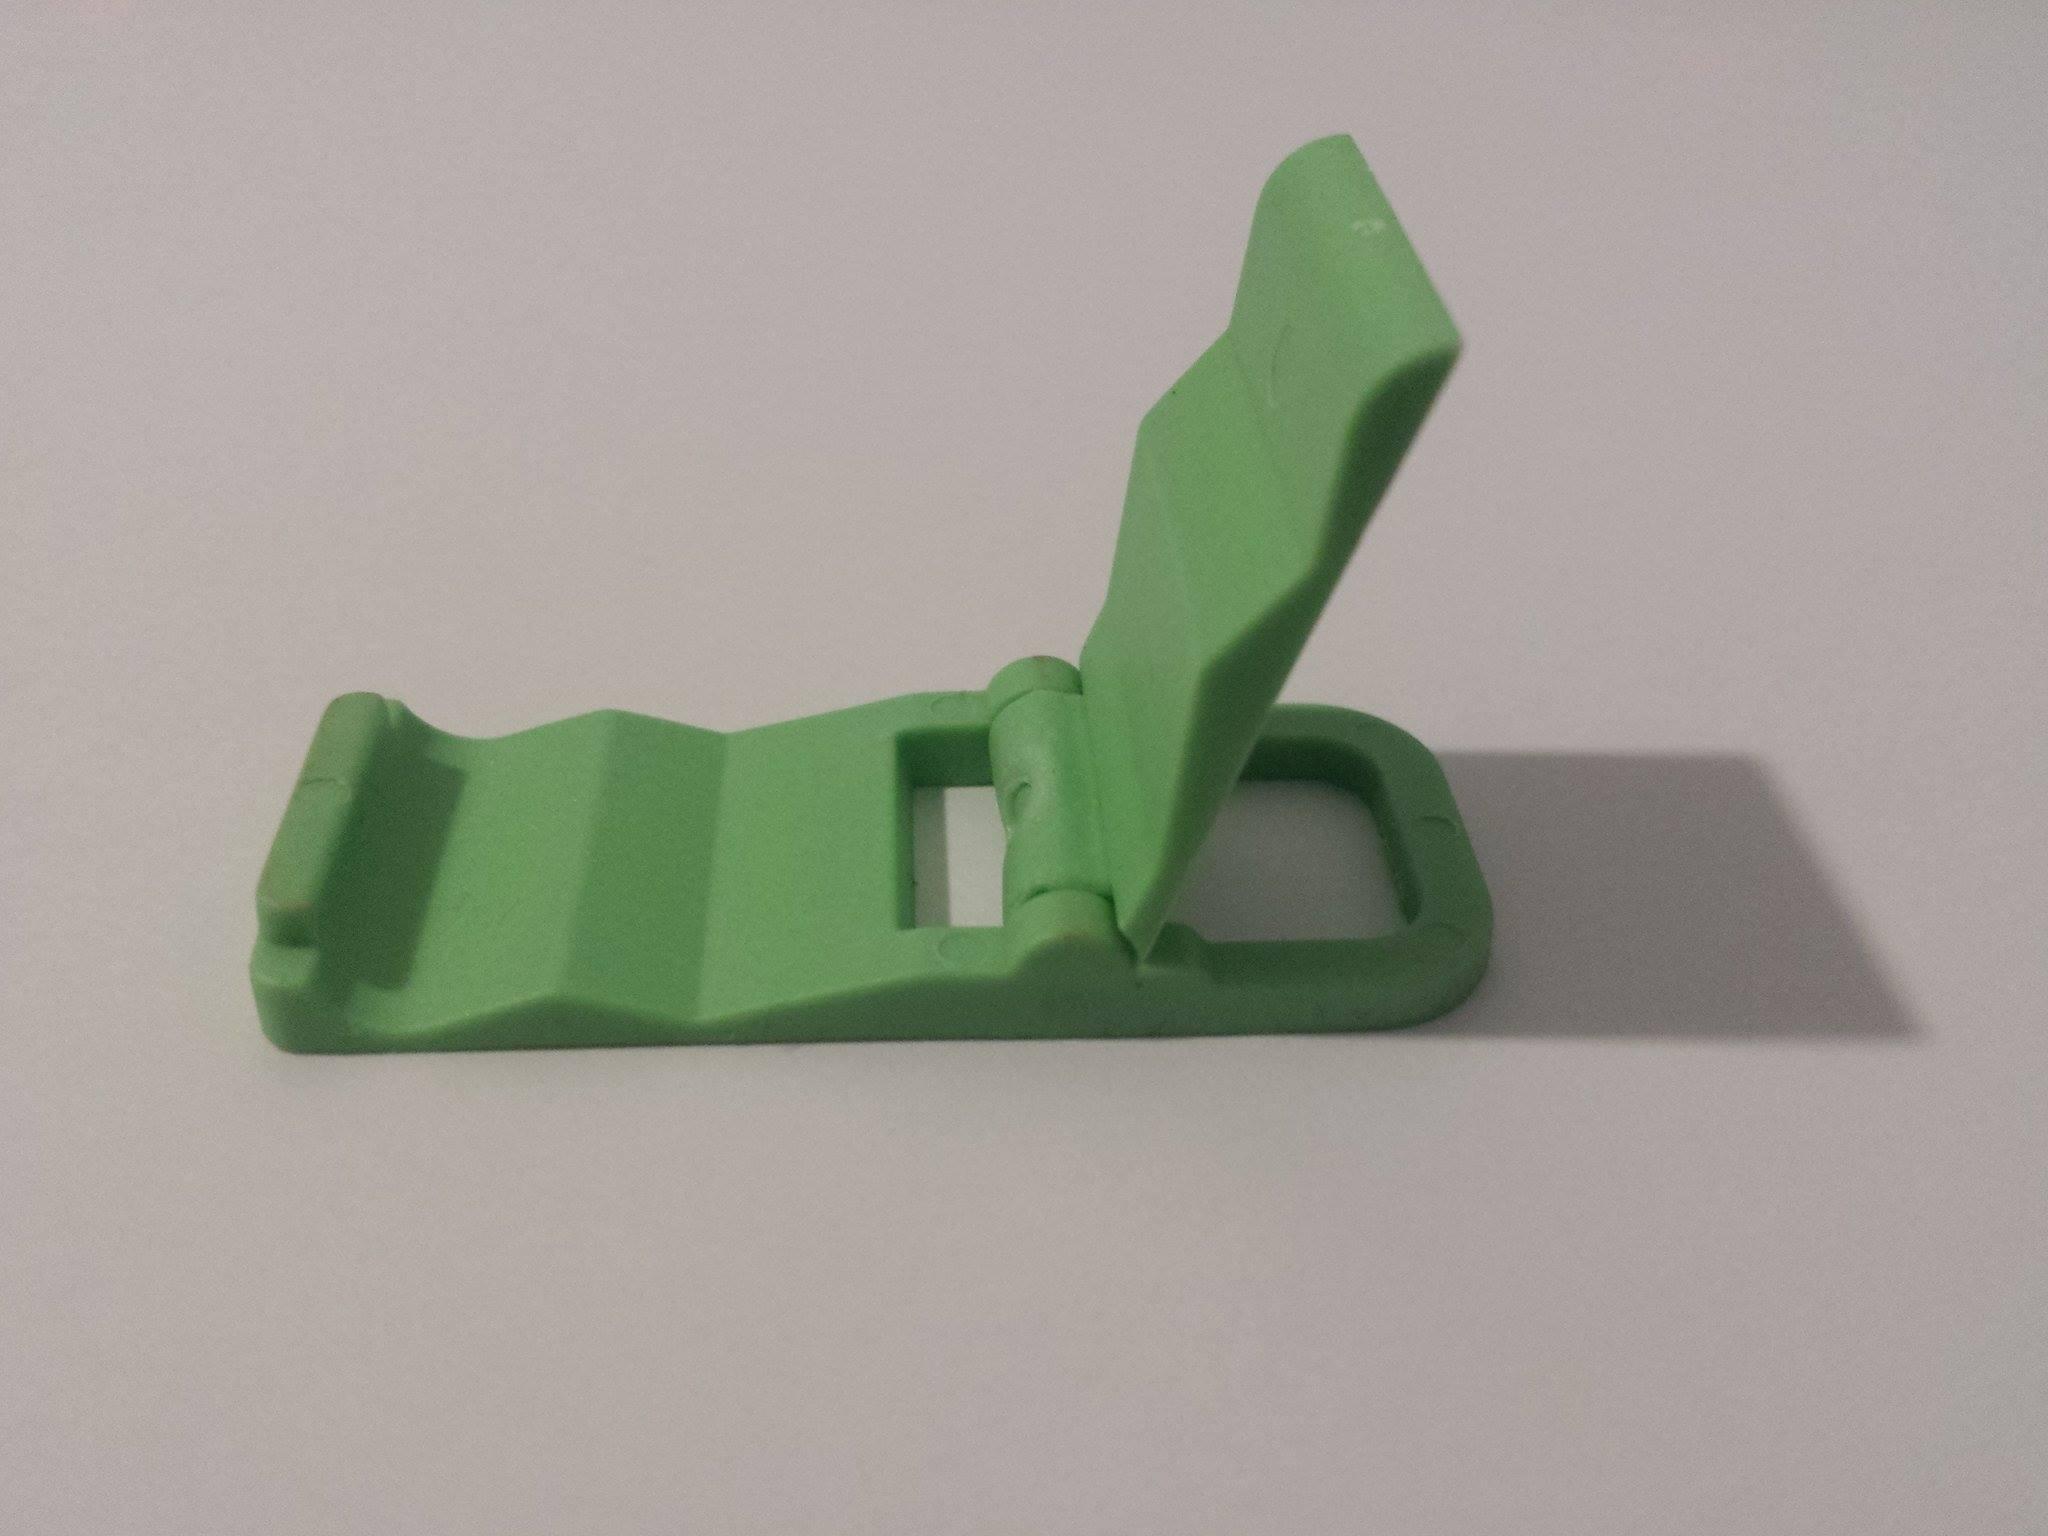 Kompaktní stojánek COOLCASE na mobilní telefon - zelený (Barevný stojánek na mobil)